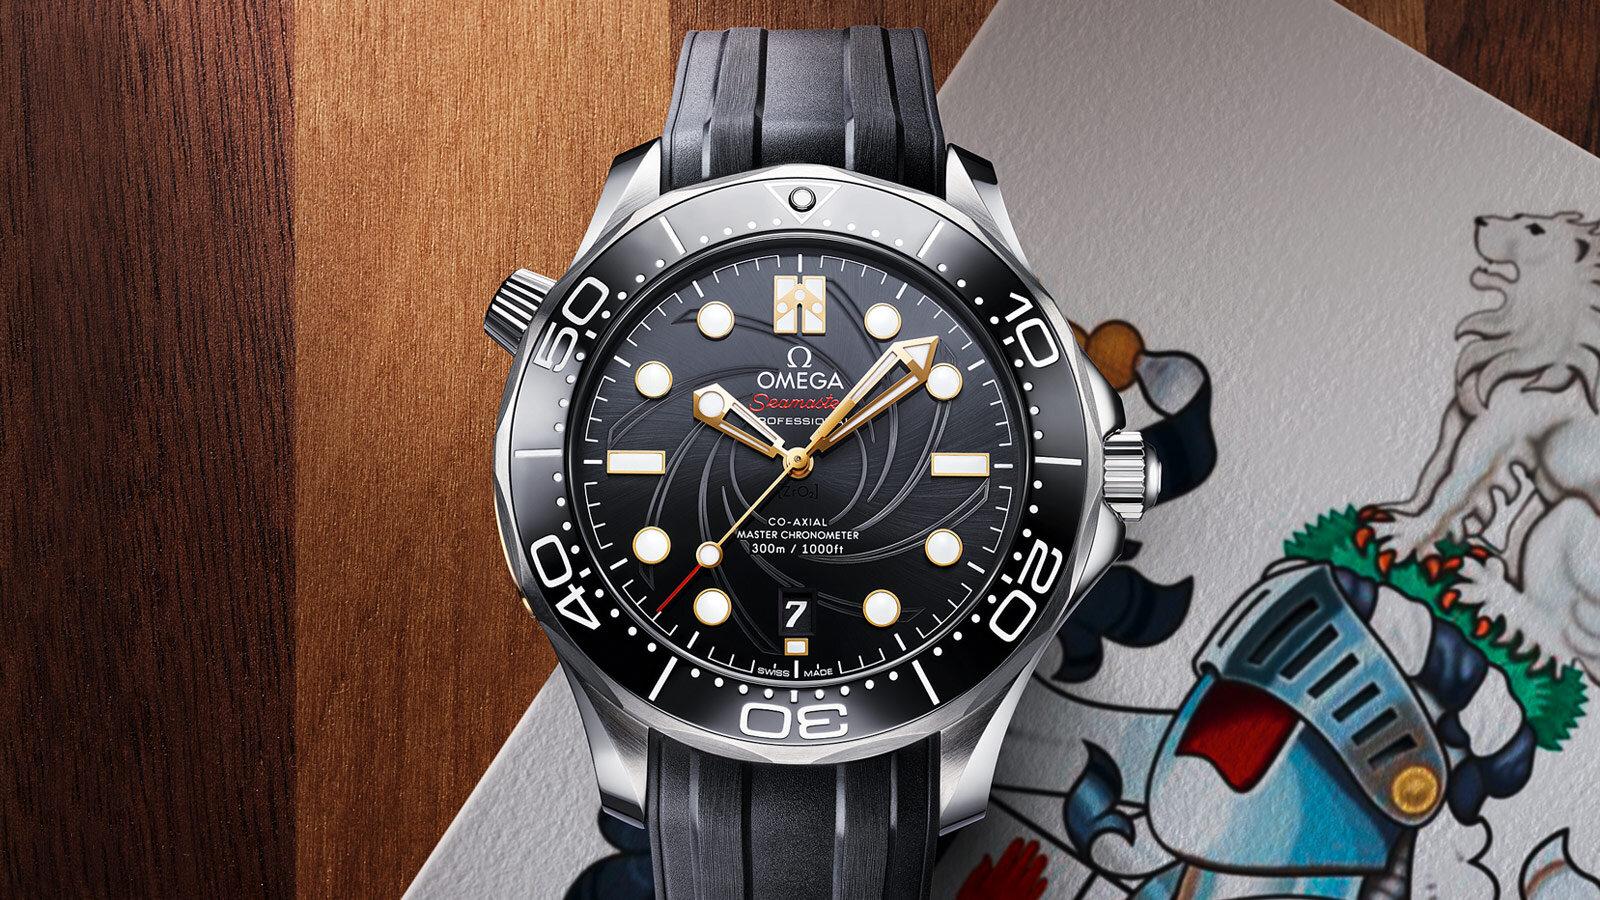 se-diver300m-jb-21022422001004-ambiance1-large.jpg